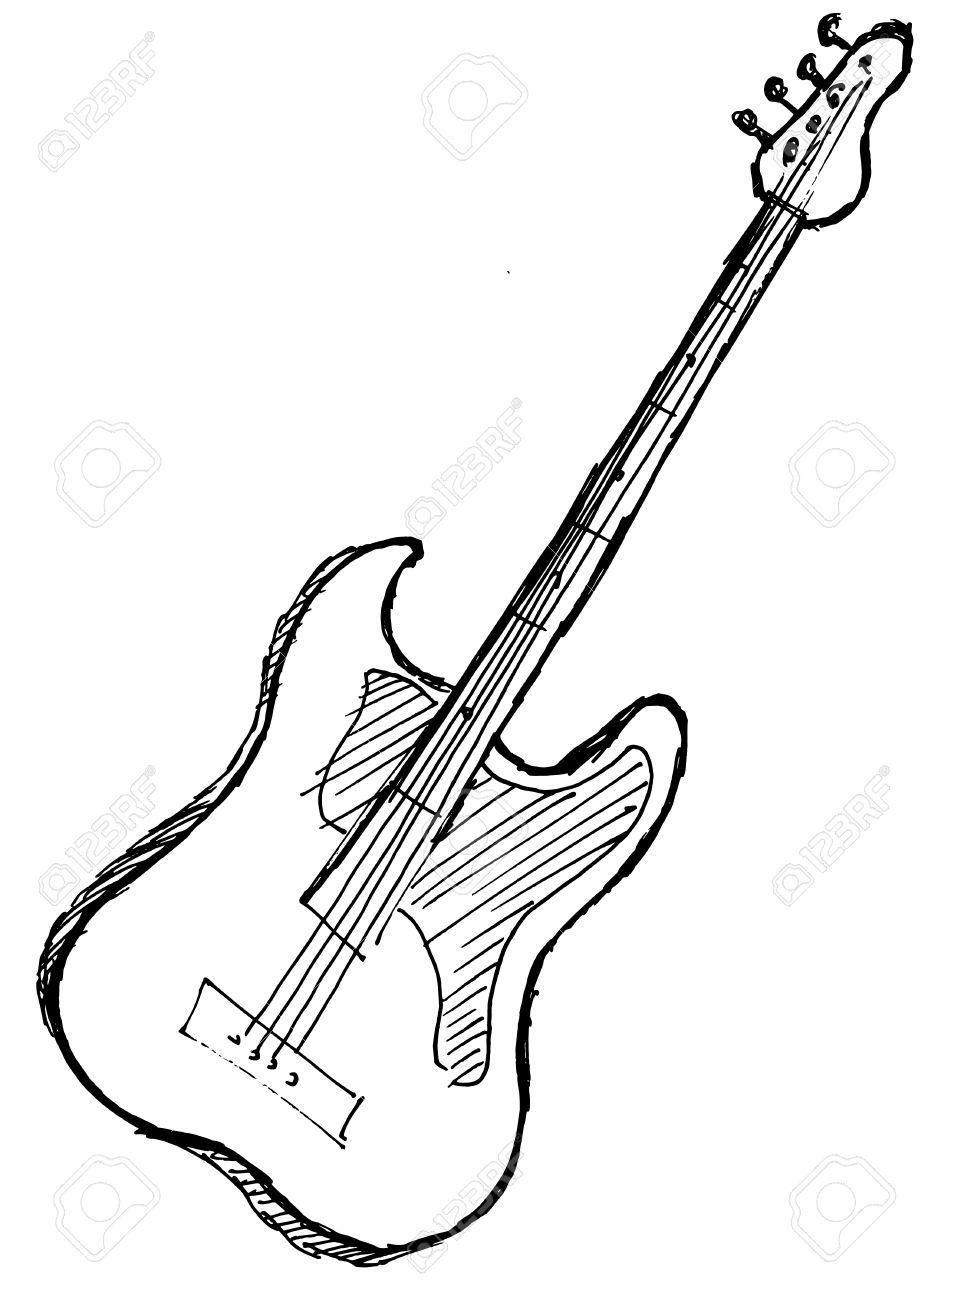 974x1300 Guitar clipart drawn